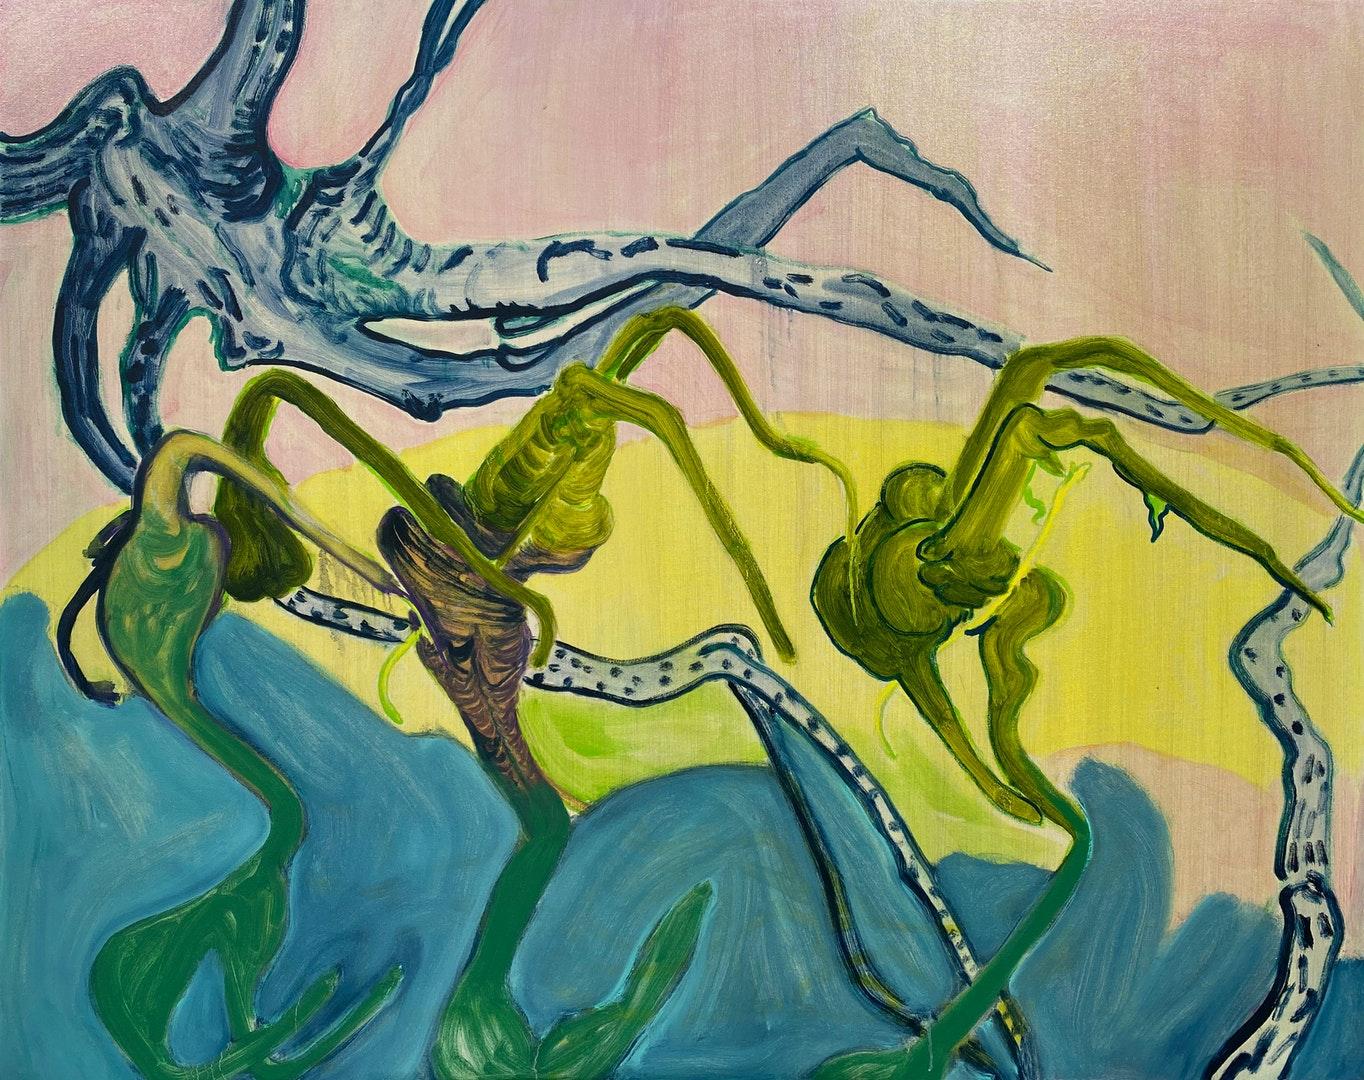 '30 April 2020', Nadja Gabriela Plein, Oil on canvas, 120 x 150 cm